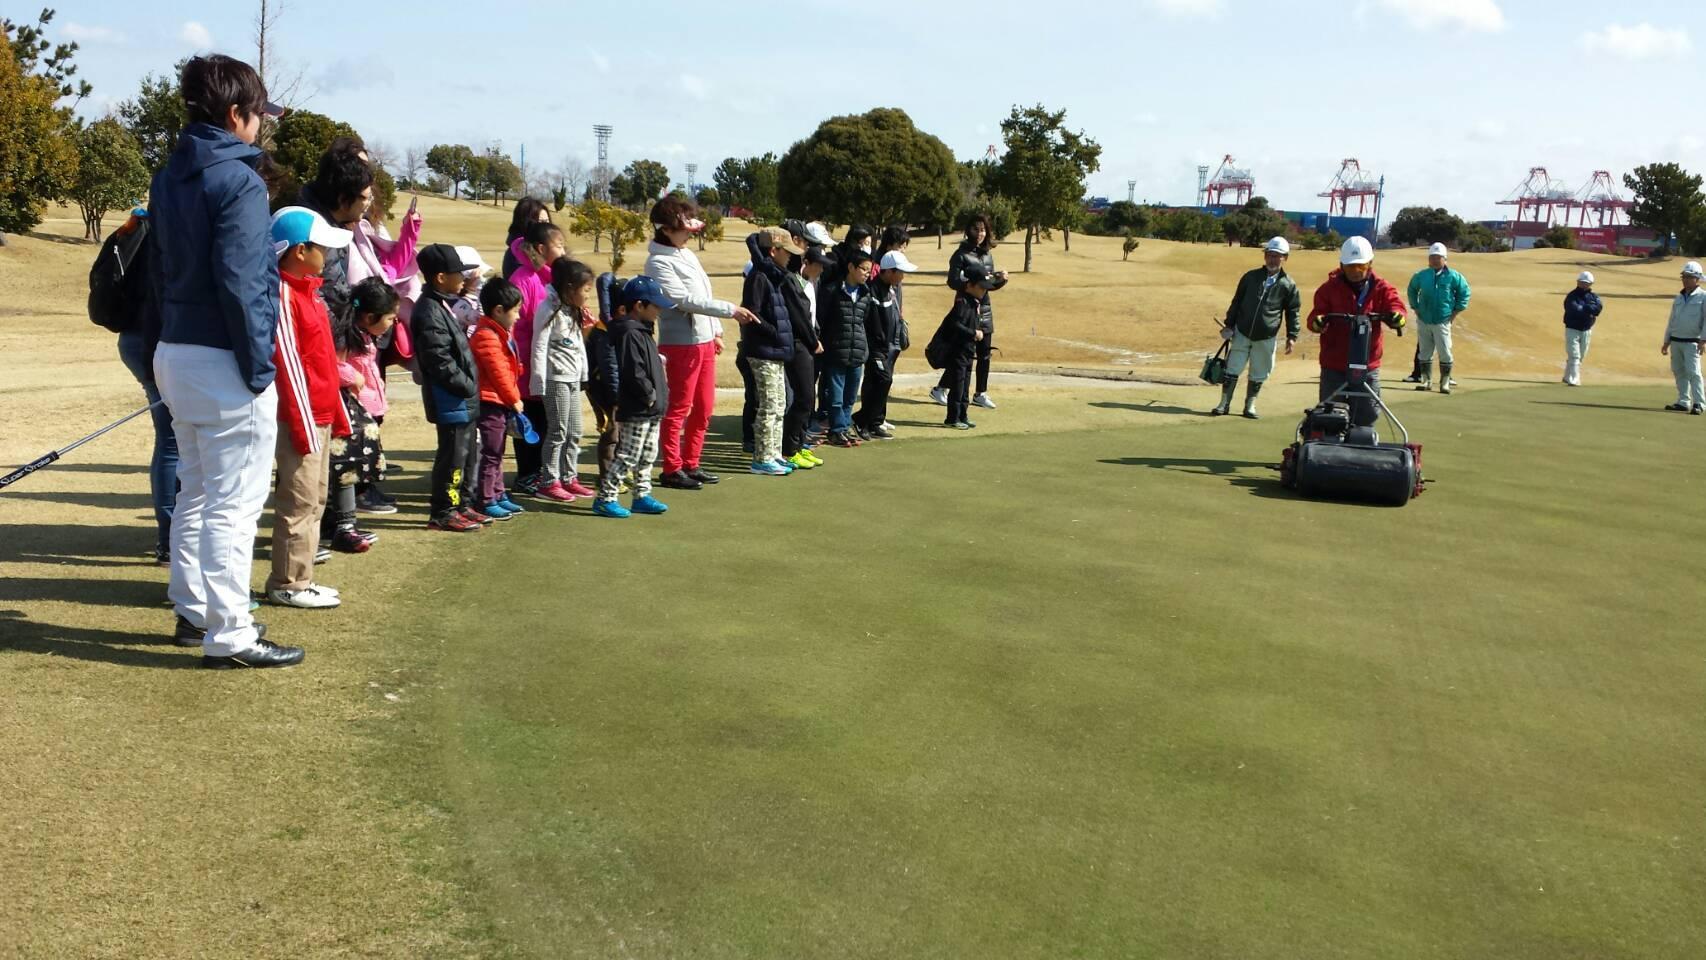 夏休みジュニアゴルフ体験教室開催のご案内!_d0338682_13545238.jpg